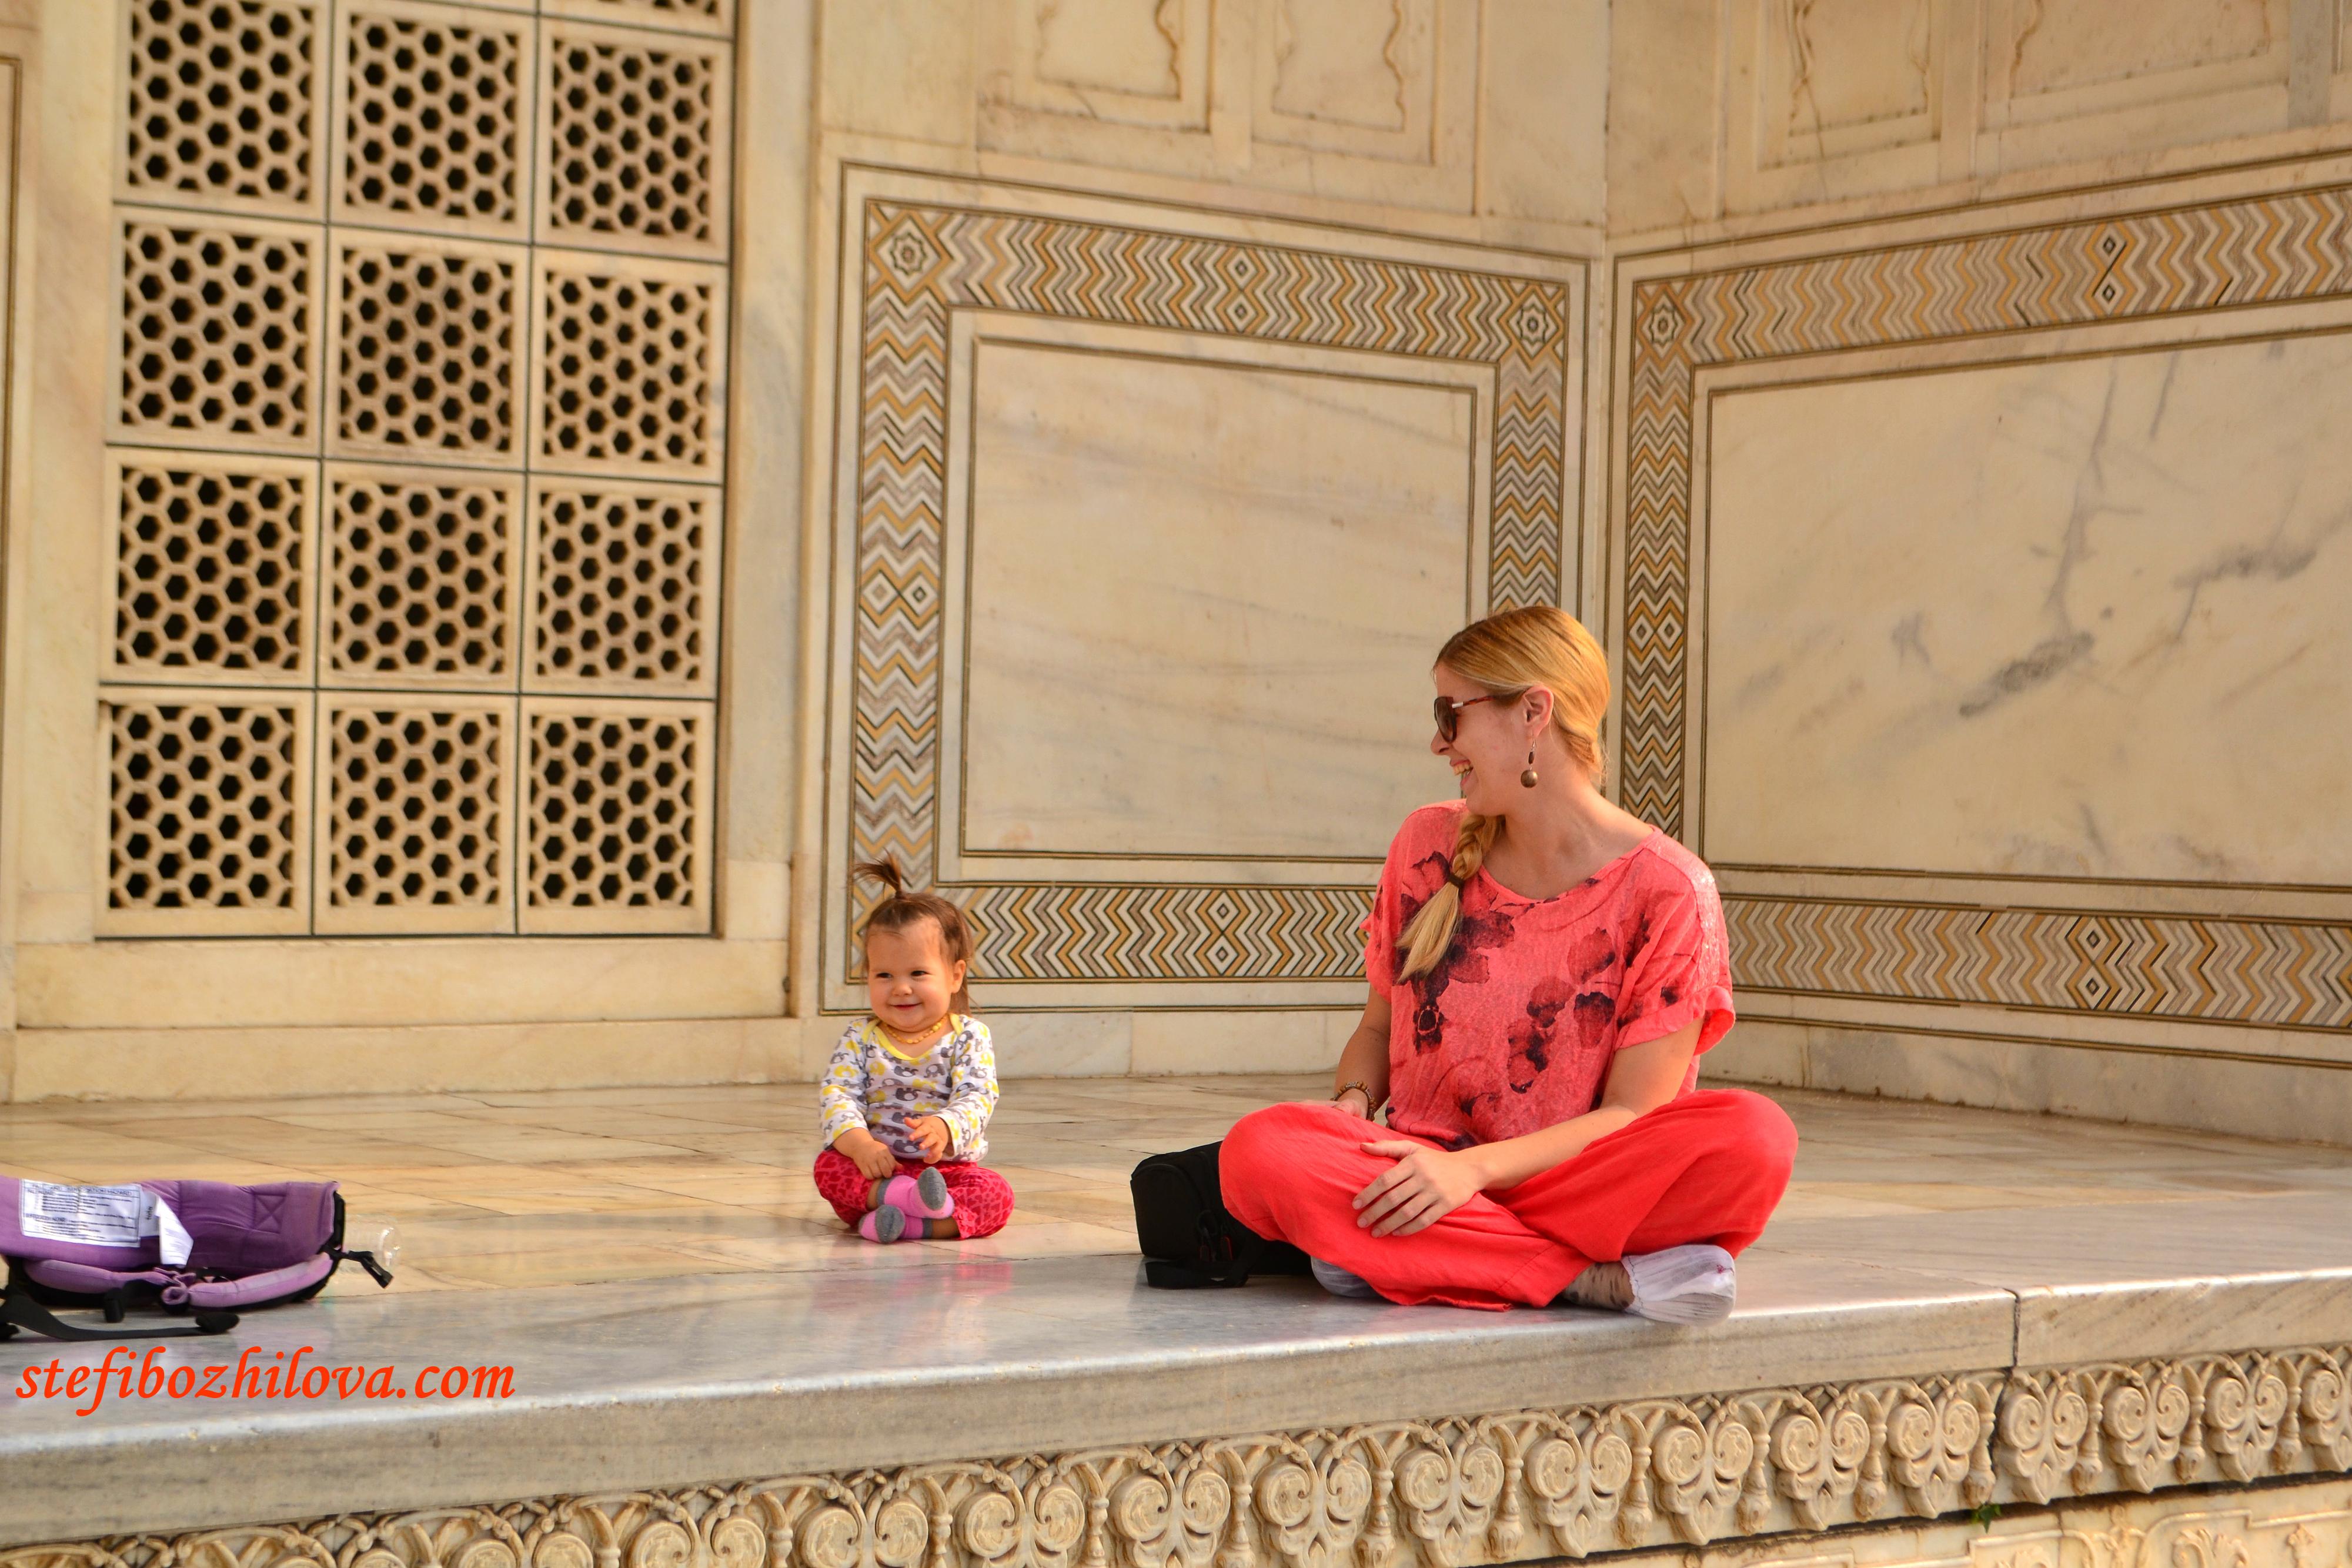 Лея беше голяма атракция в Тадж Махал. Както и всички бели бебета и бели хора генерално. Около 100 пъти отказах да я снимат и още около 100 пъти Тодор се скара на досадни индийци, които идваха и си завираха телефоните в лицата ни без дори да попитат